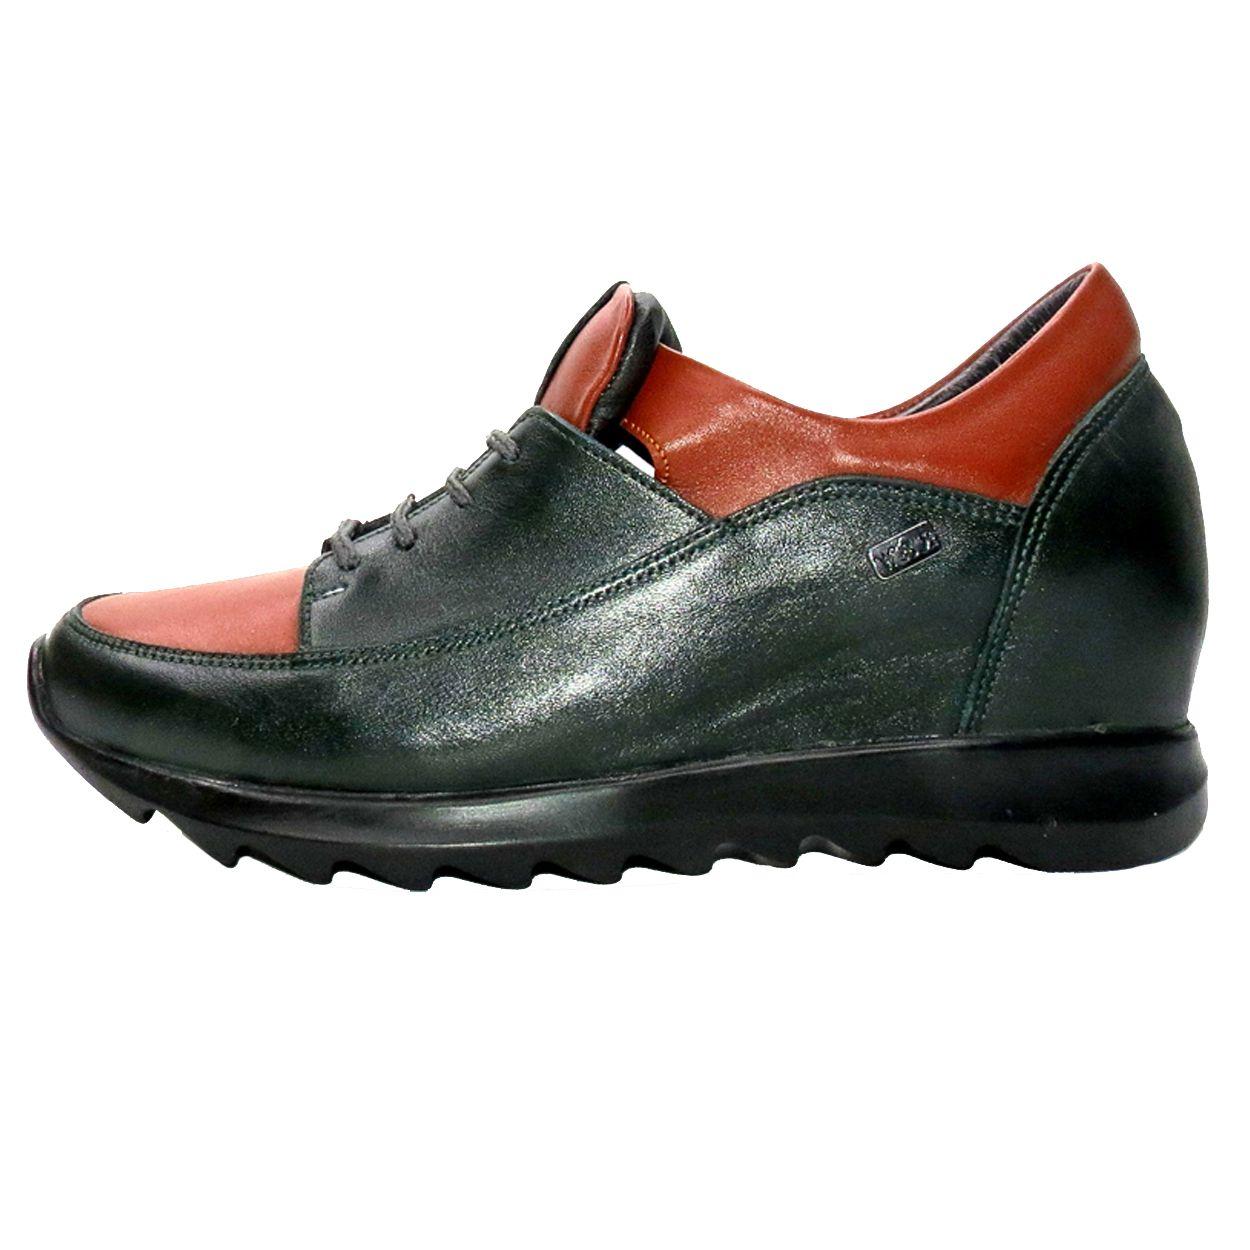 کفش روزمره زنانه آر اند دبلیو مدل 416 رنگ یشمی -  - 2